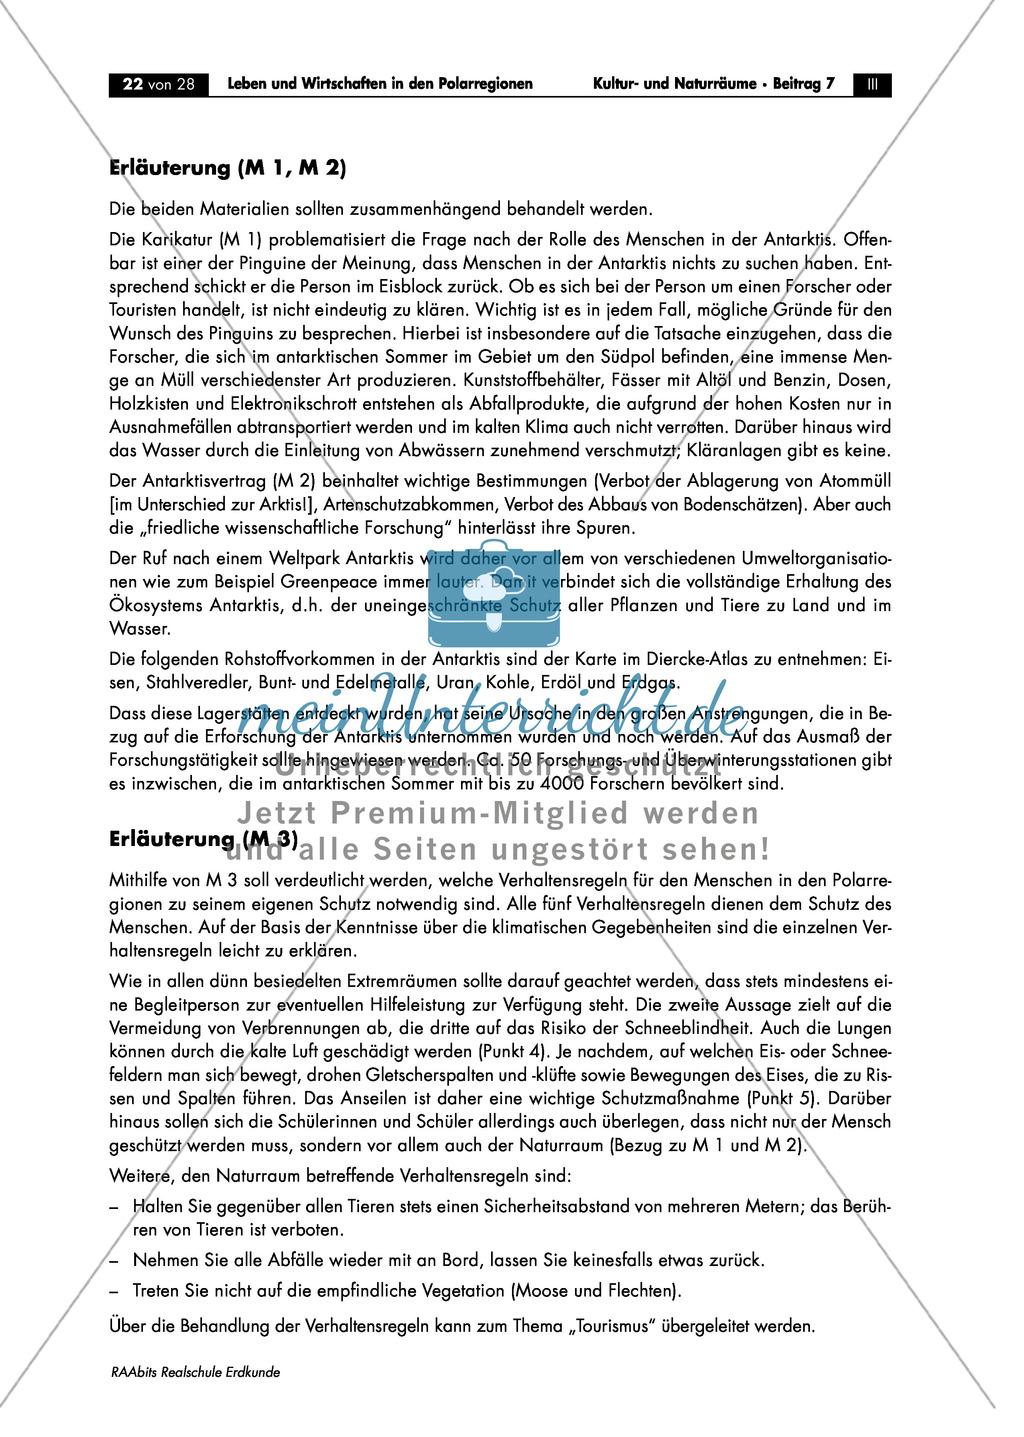 Leben + Wirtschaften in Polarregionen: Ökosystem + Antarktisvertrag ...